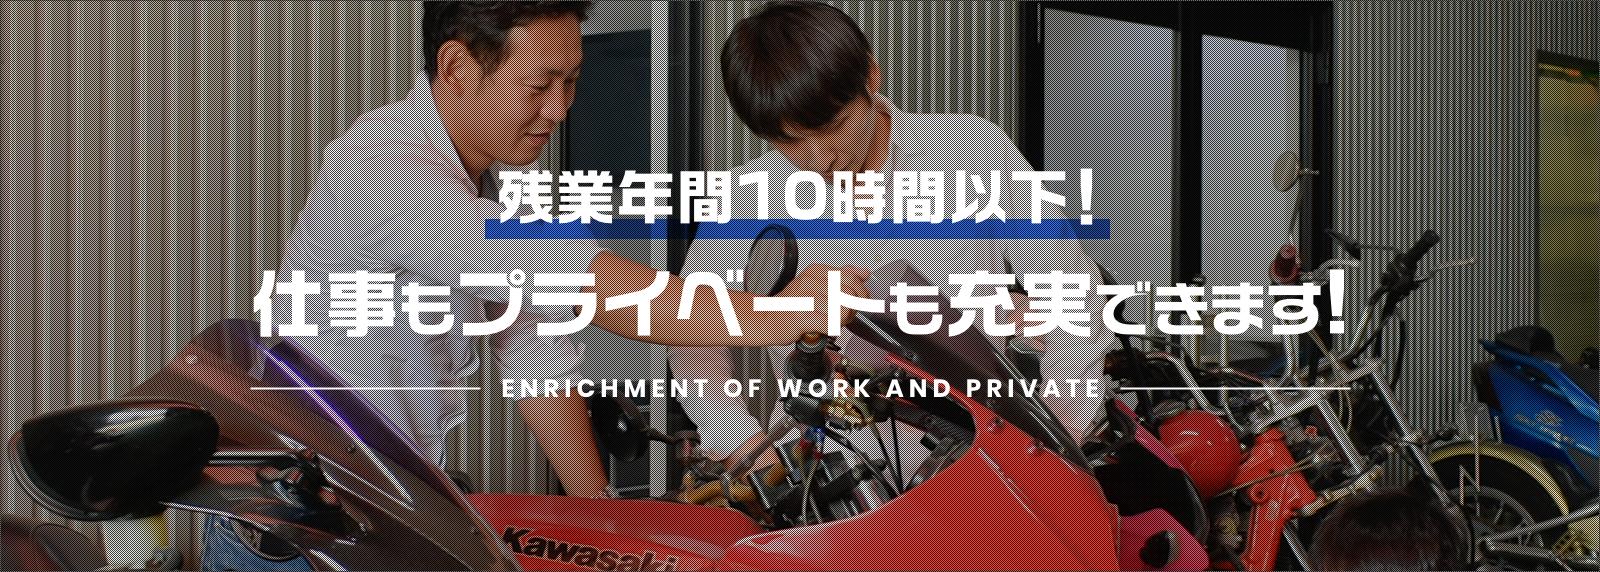 プロフィットジャパン採用サイト